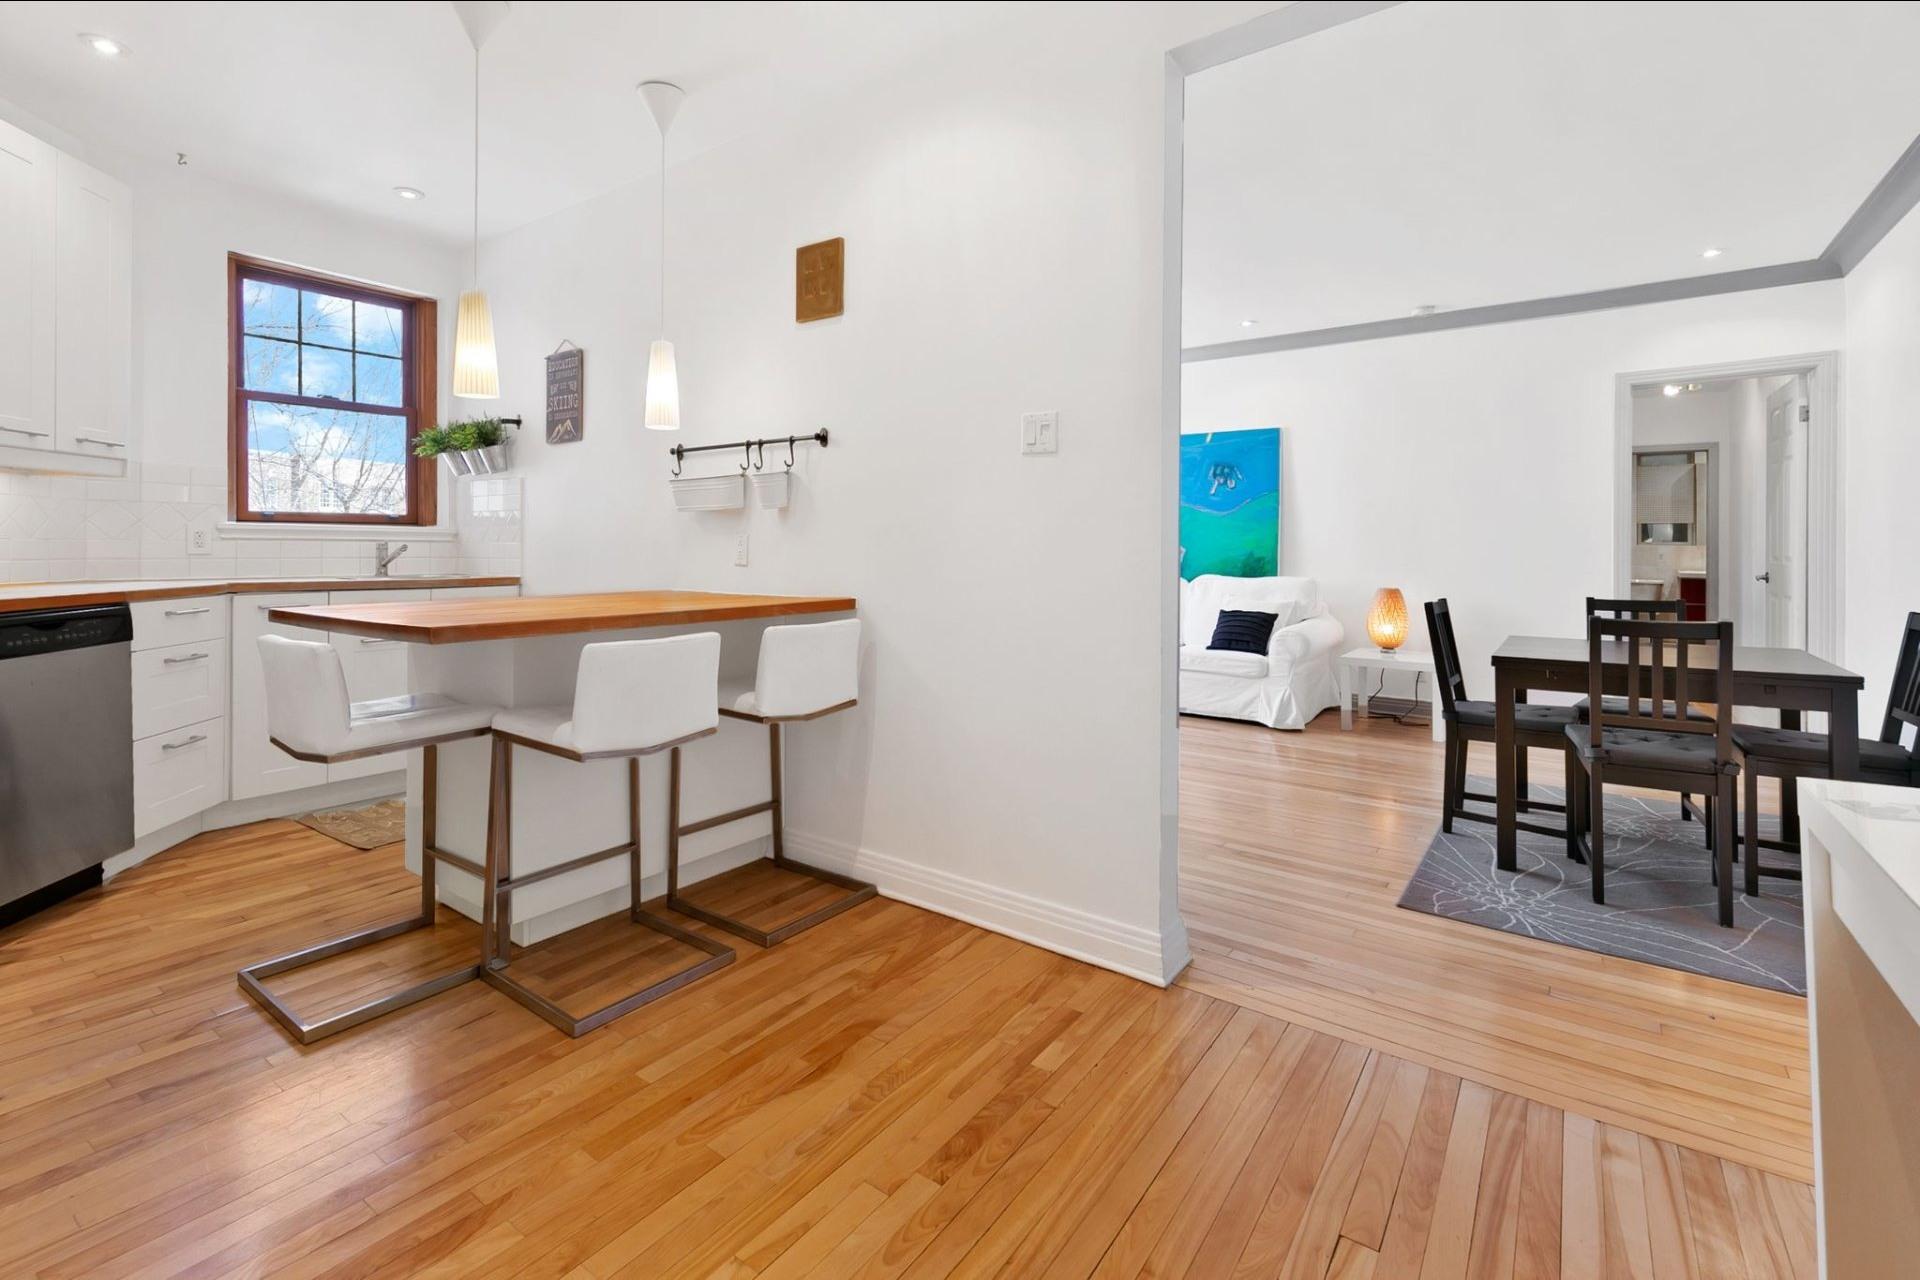 image 8 - Appartement À vendre Côte-des-Neiges/Notre-Dame-de-Grâce Montréal  - 5 pièces